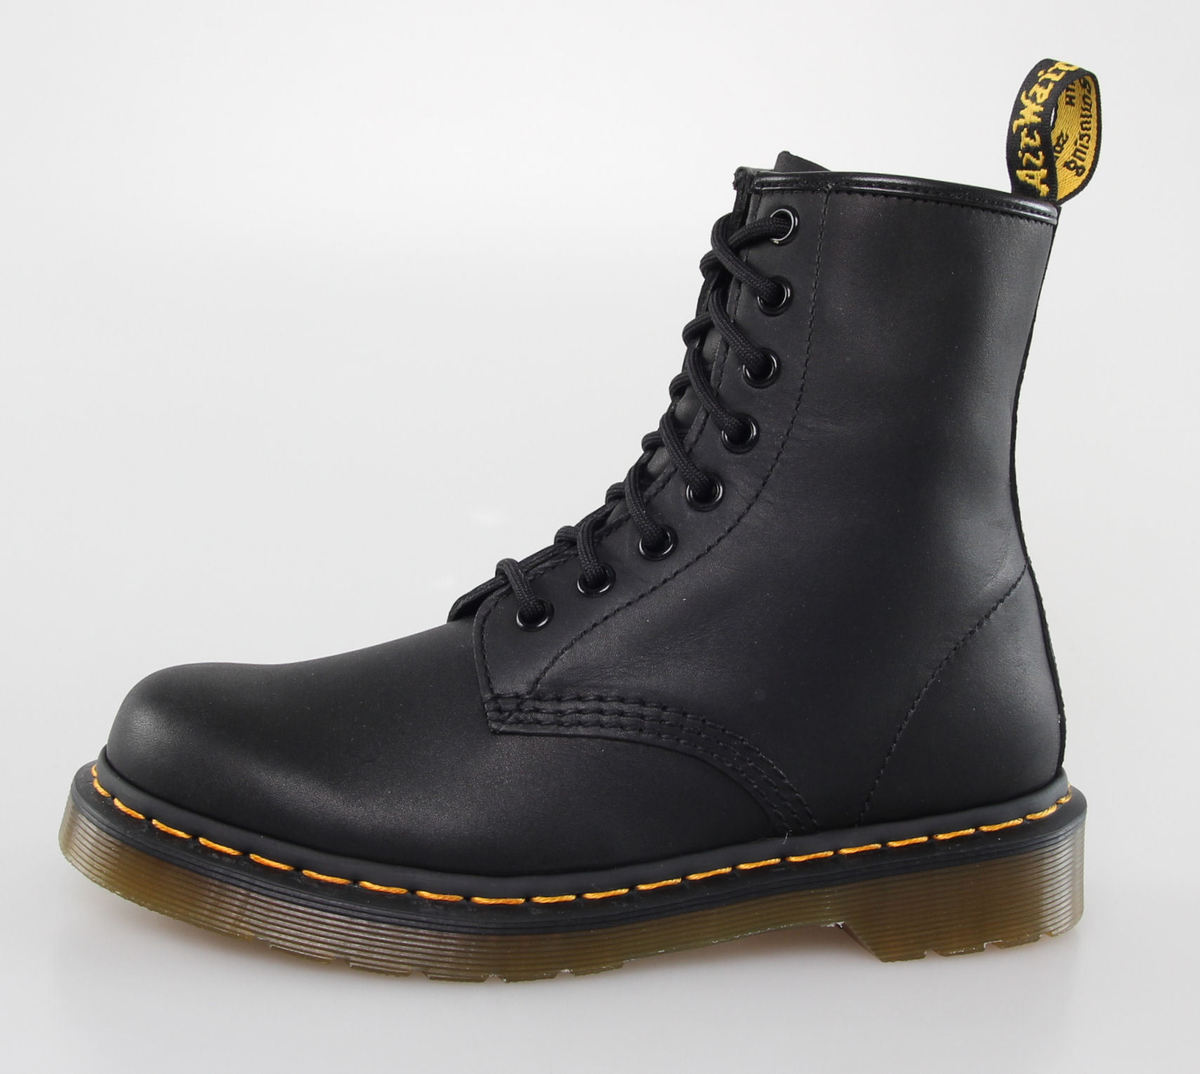 boty DR. MARTENS - 8 dírkové - 1460 - BLACK GREASY